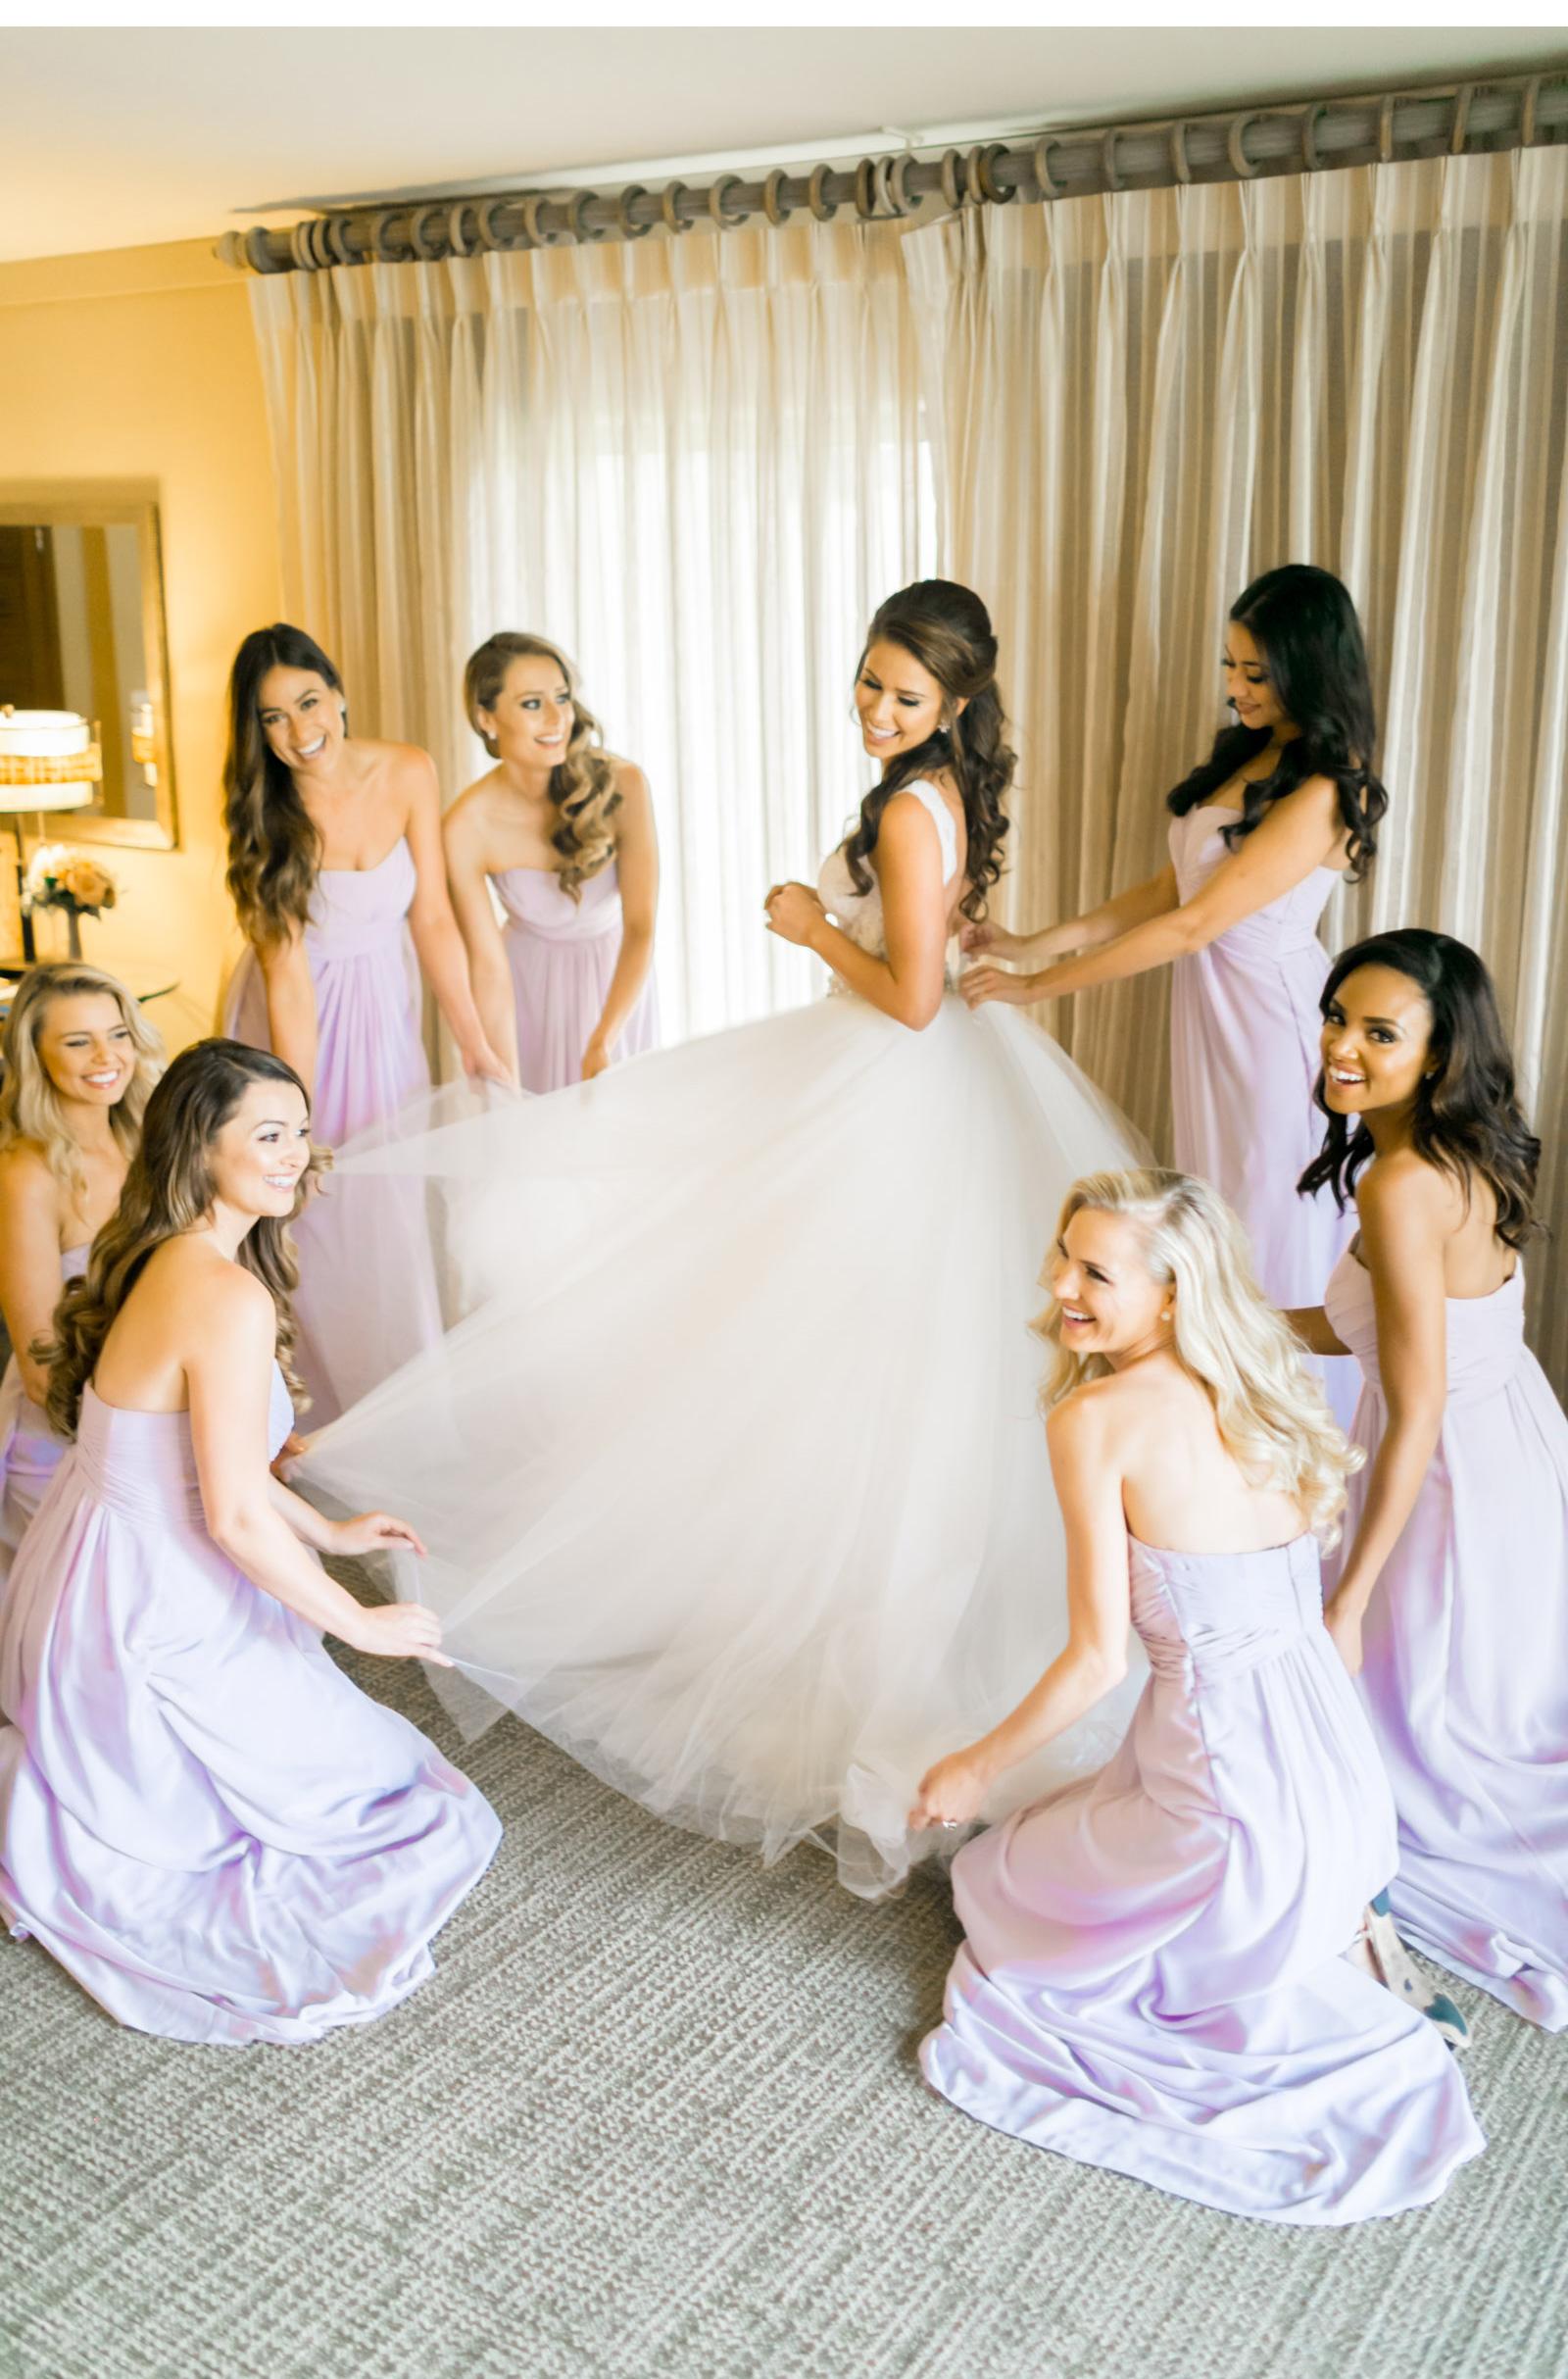 Miss-USA-Wedding-Nia-Booko-Natalie-Schutt-Photography_01.jpg